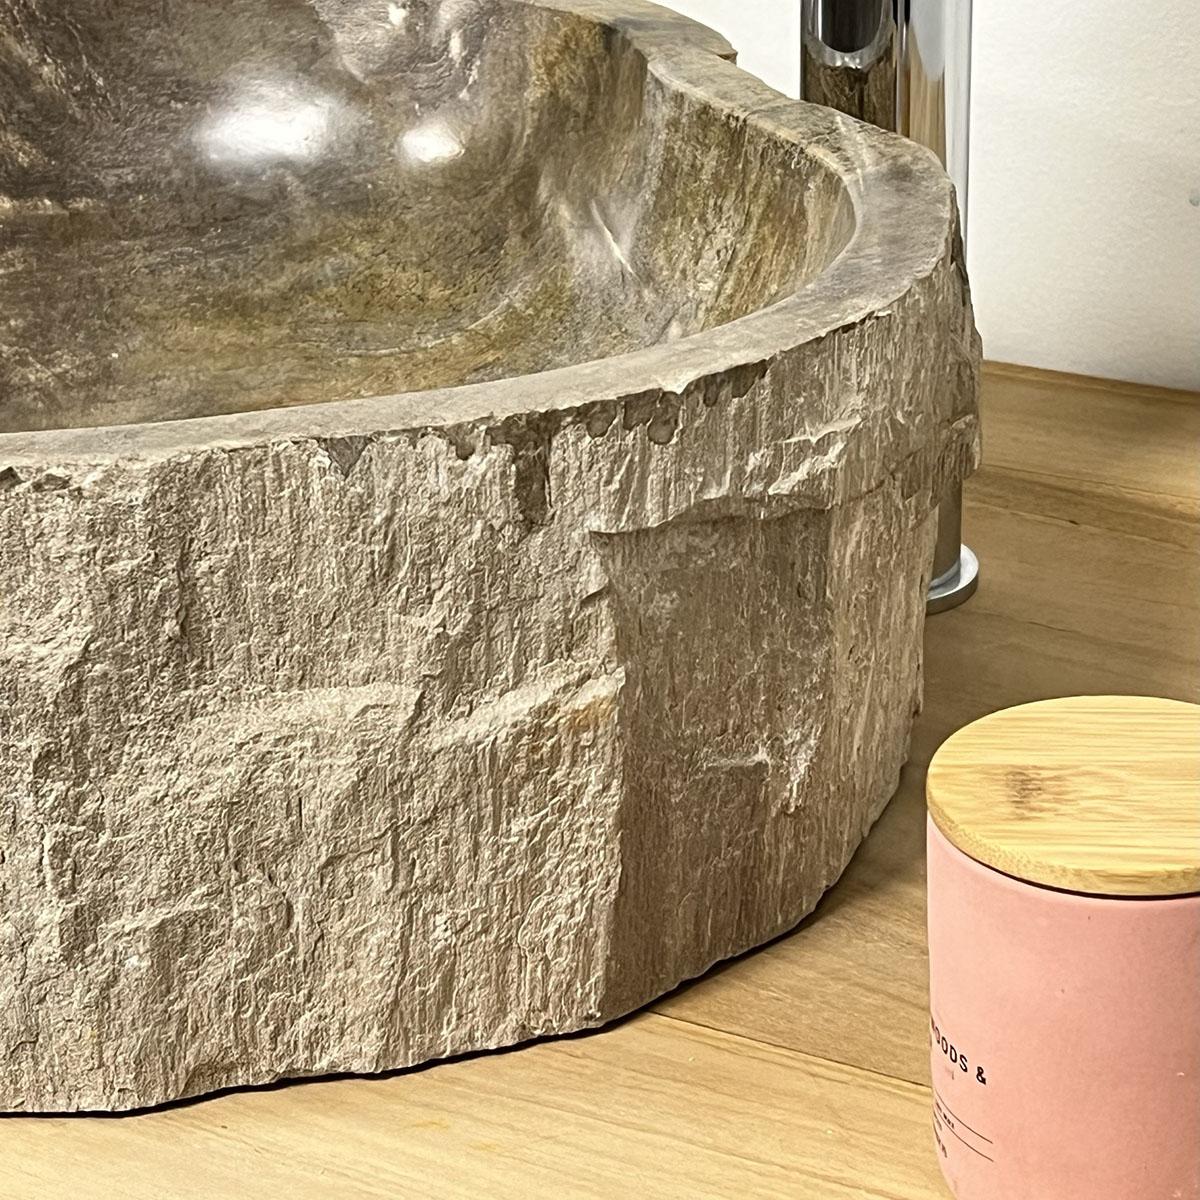 Double vasques de salle de bain en bois pétrifié fossilisé ...